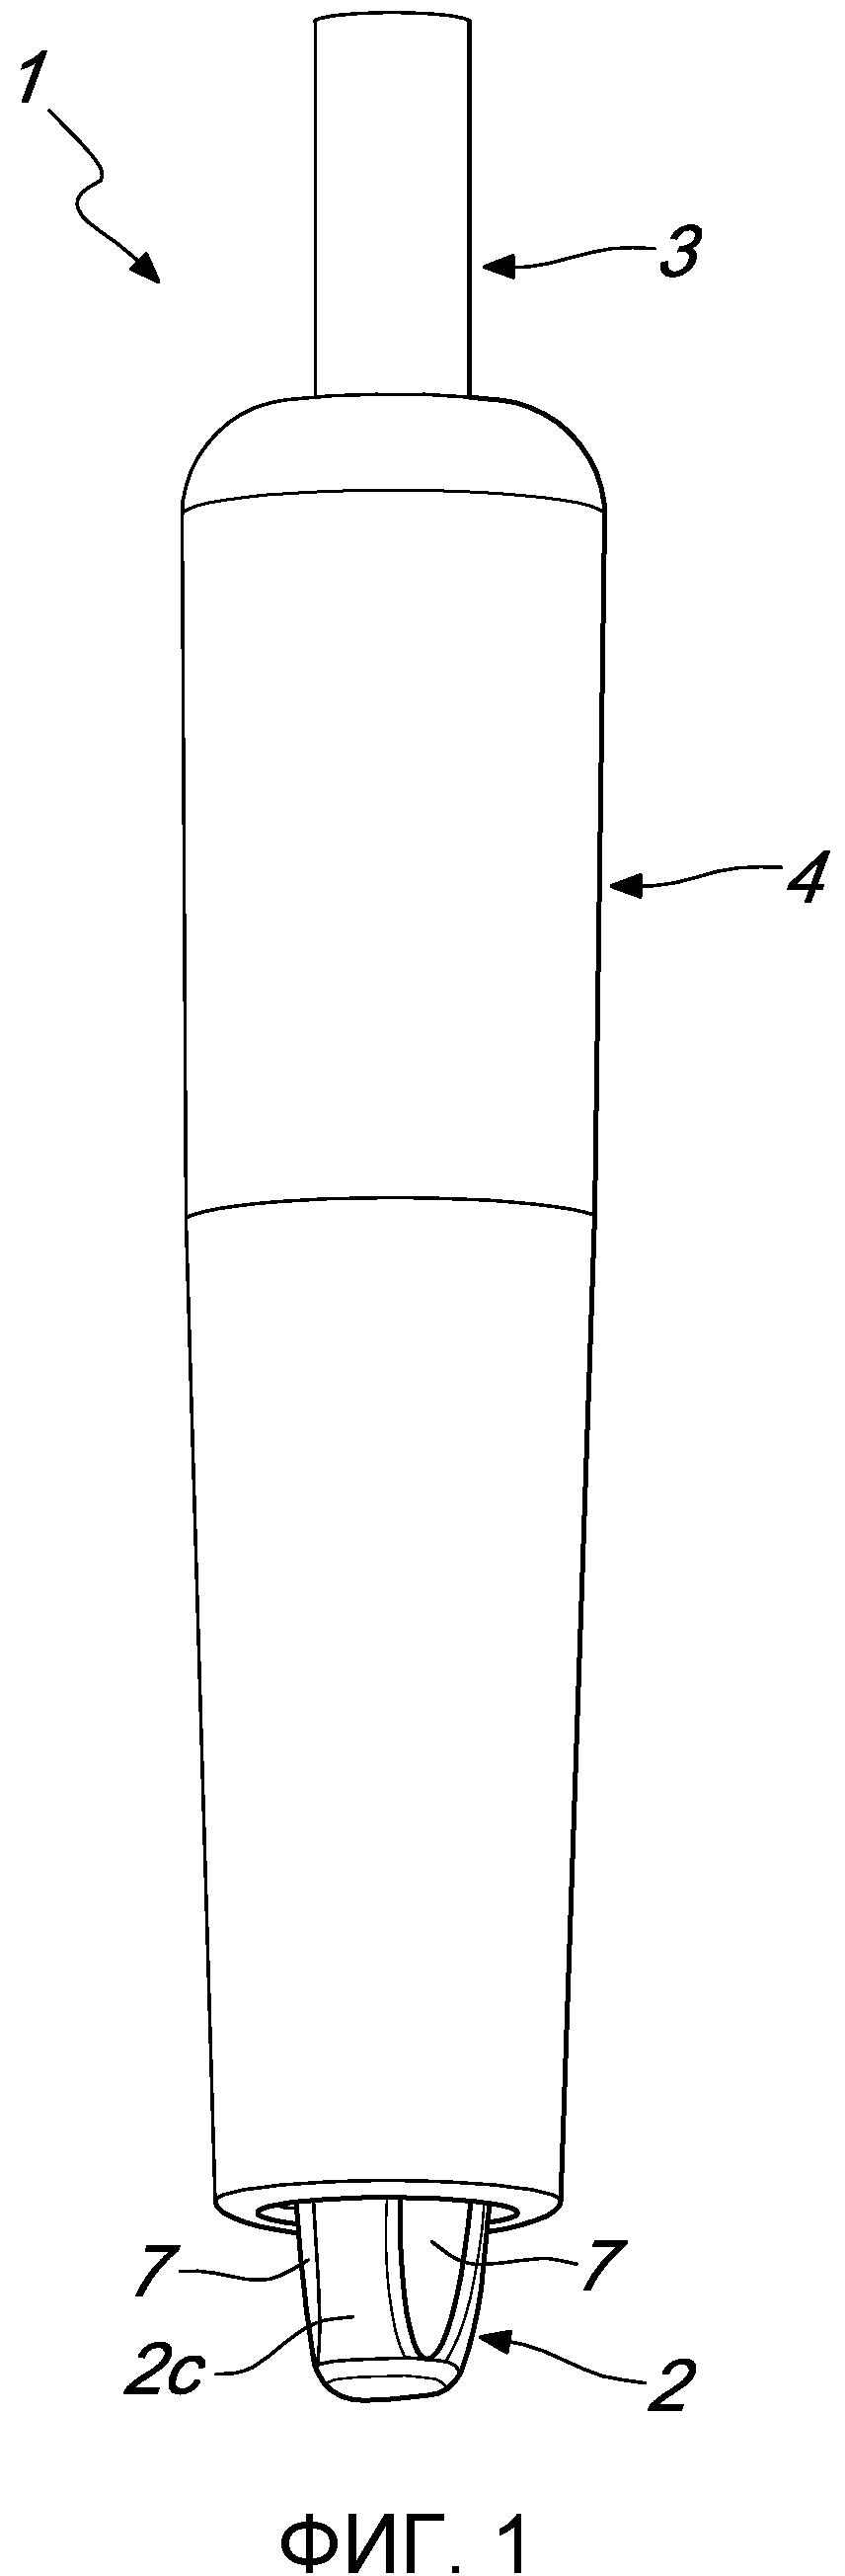 Устройство для смешивания, нагревания и/или взбивания для приготовления горячих напитков